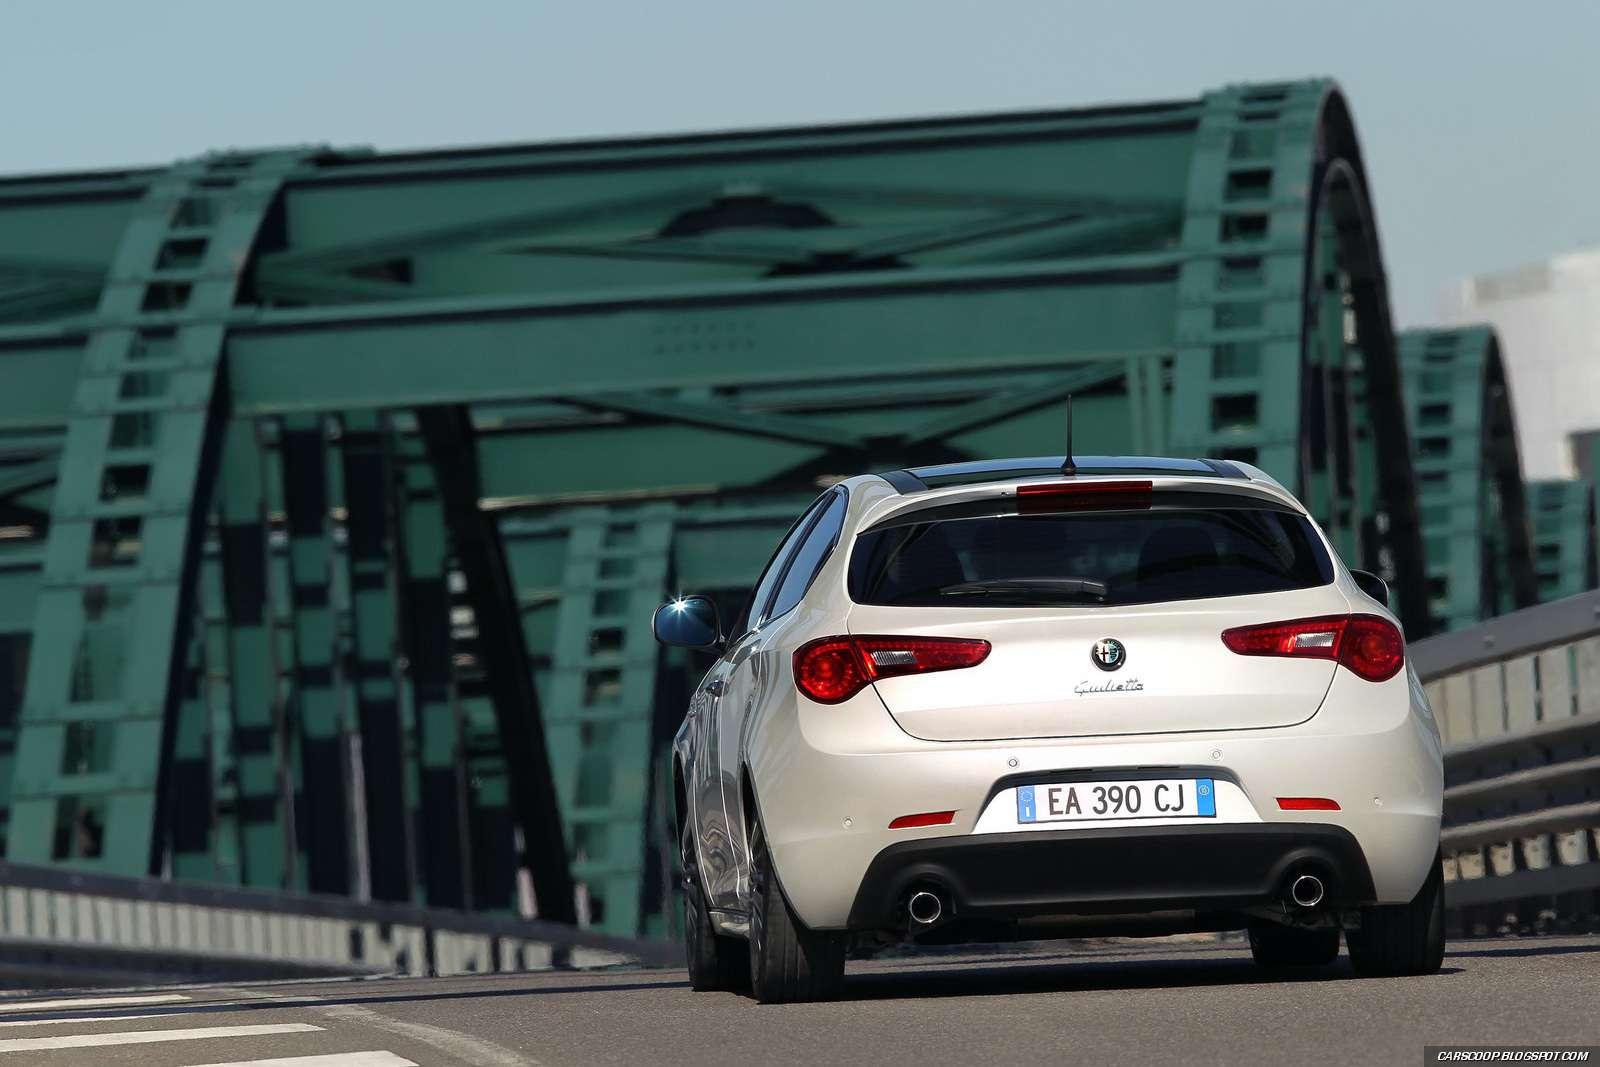 Alfa Romeo Giulietta fot kwiecien 2010